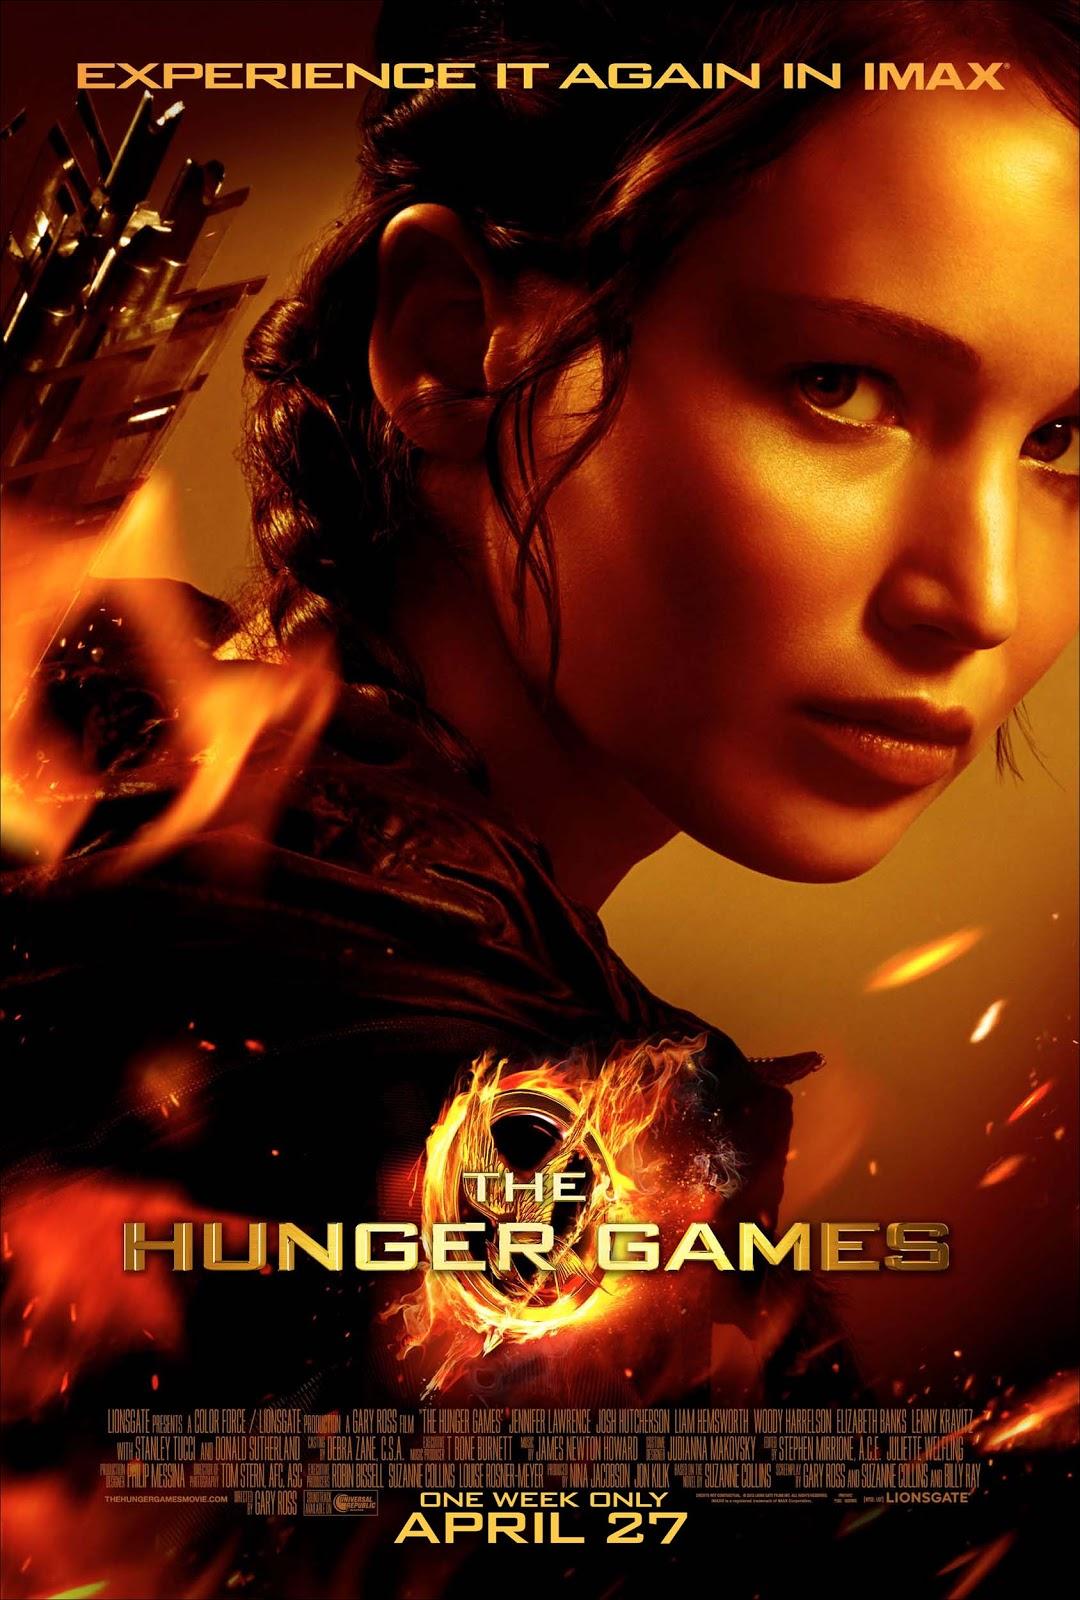 http://4.bp.blogspot.com/-u1jzGGpfNkY/UIcHKlEYpcI/AAAAAAAAHDU/-7NXwre-ItI/s1600/The-Hunger-Games-IMAX-poster1.jpg